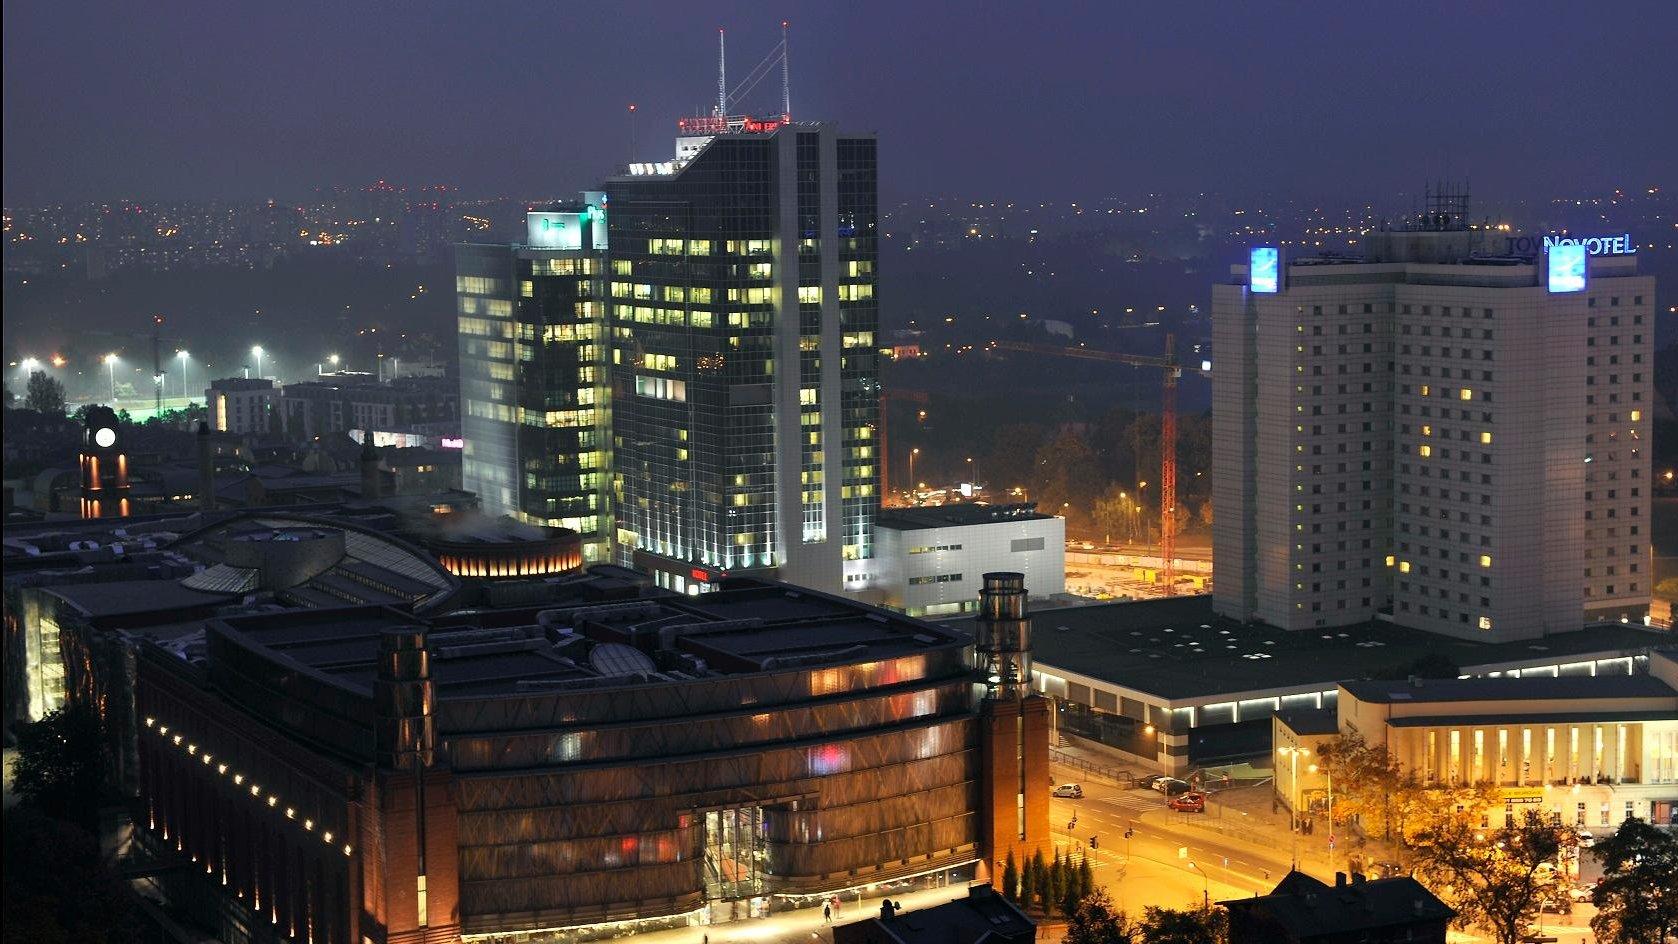 Poznań nocą, widok na hotele Novotel i Andersia z lotu ptaka - grafika artykułu